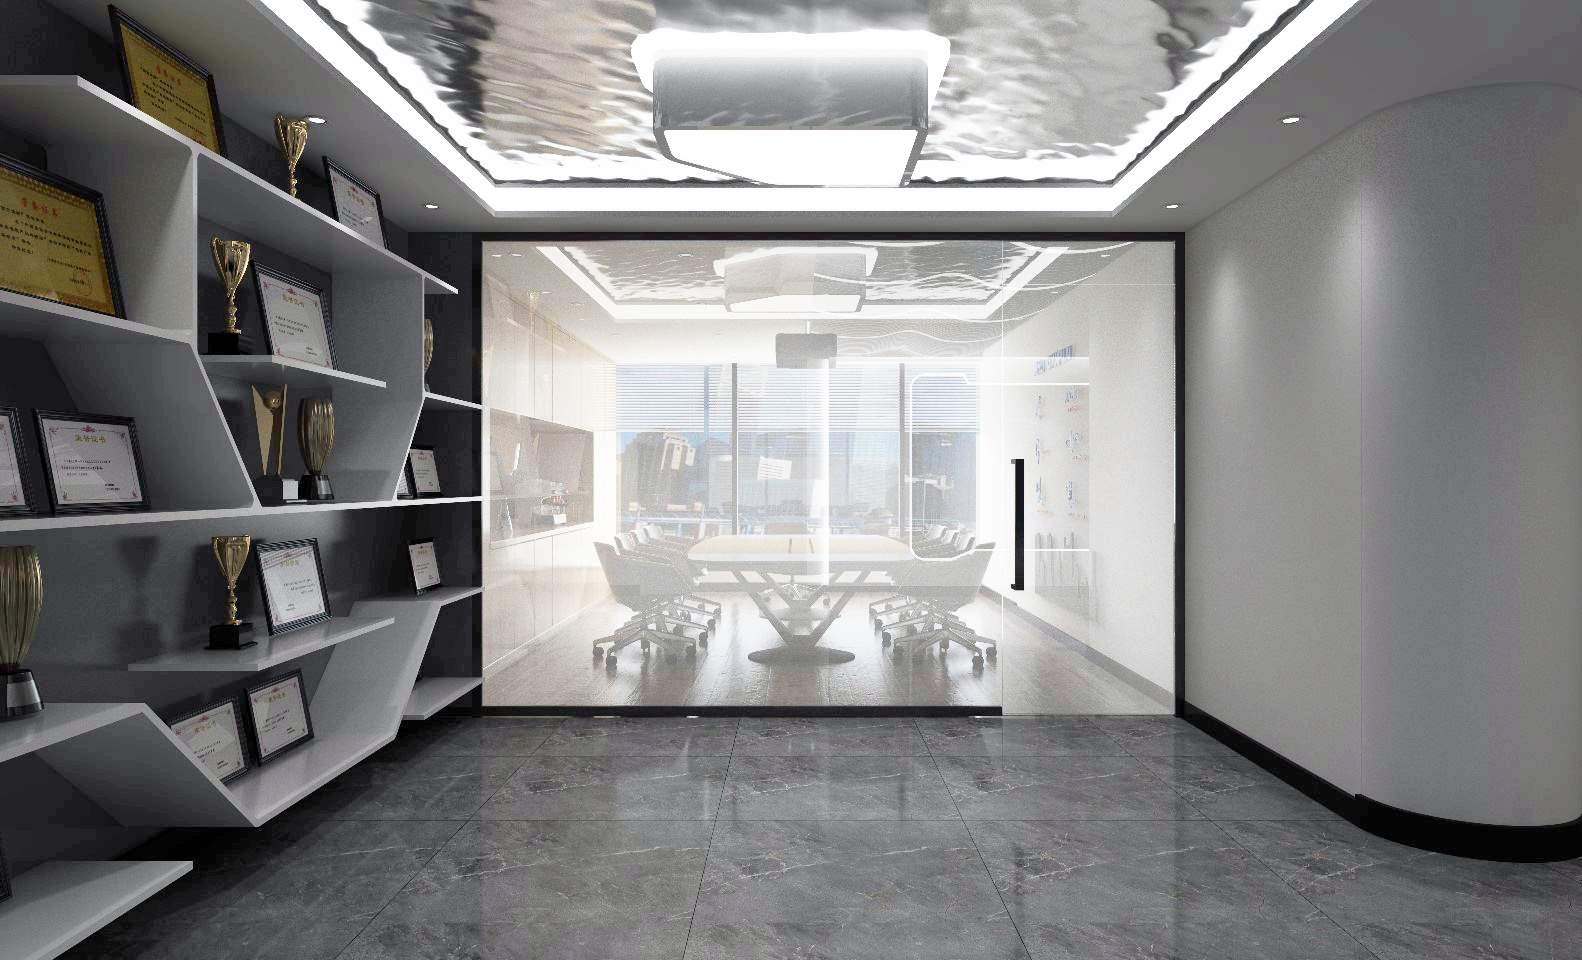 会议室是一个为大家提供工作交流和与客户谈判的地方,一个好的会议室设计不仅可以达到在工作交流时烘托出好的气氛,也可以为你在与客户谈判的时候增加你公司的形象,也是一个公司的代表。现代风格会议室采用个性化装饰,公司的视觉效果不再刻板而是让人感到非常放松。办公室皇冠可以运用强烈的色彩对比突出个性化,同时适当融入公司文化。公司的家具造型也不再拘泥于传统式样,更像是一件件艺术品让人眼前一亮。